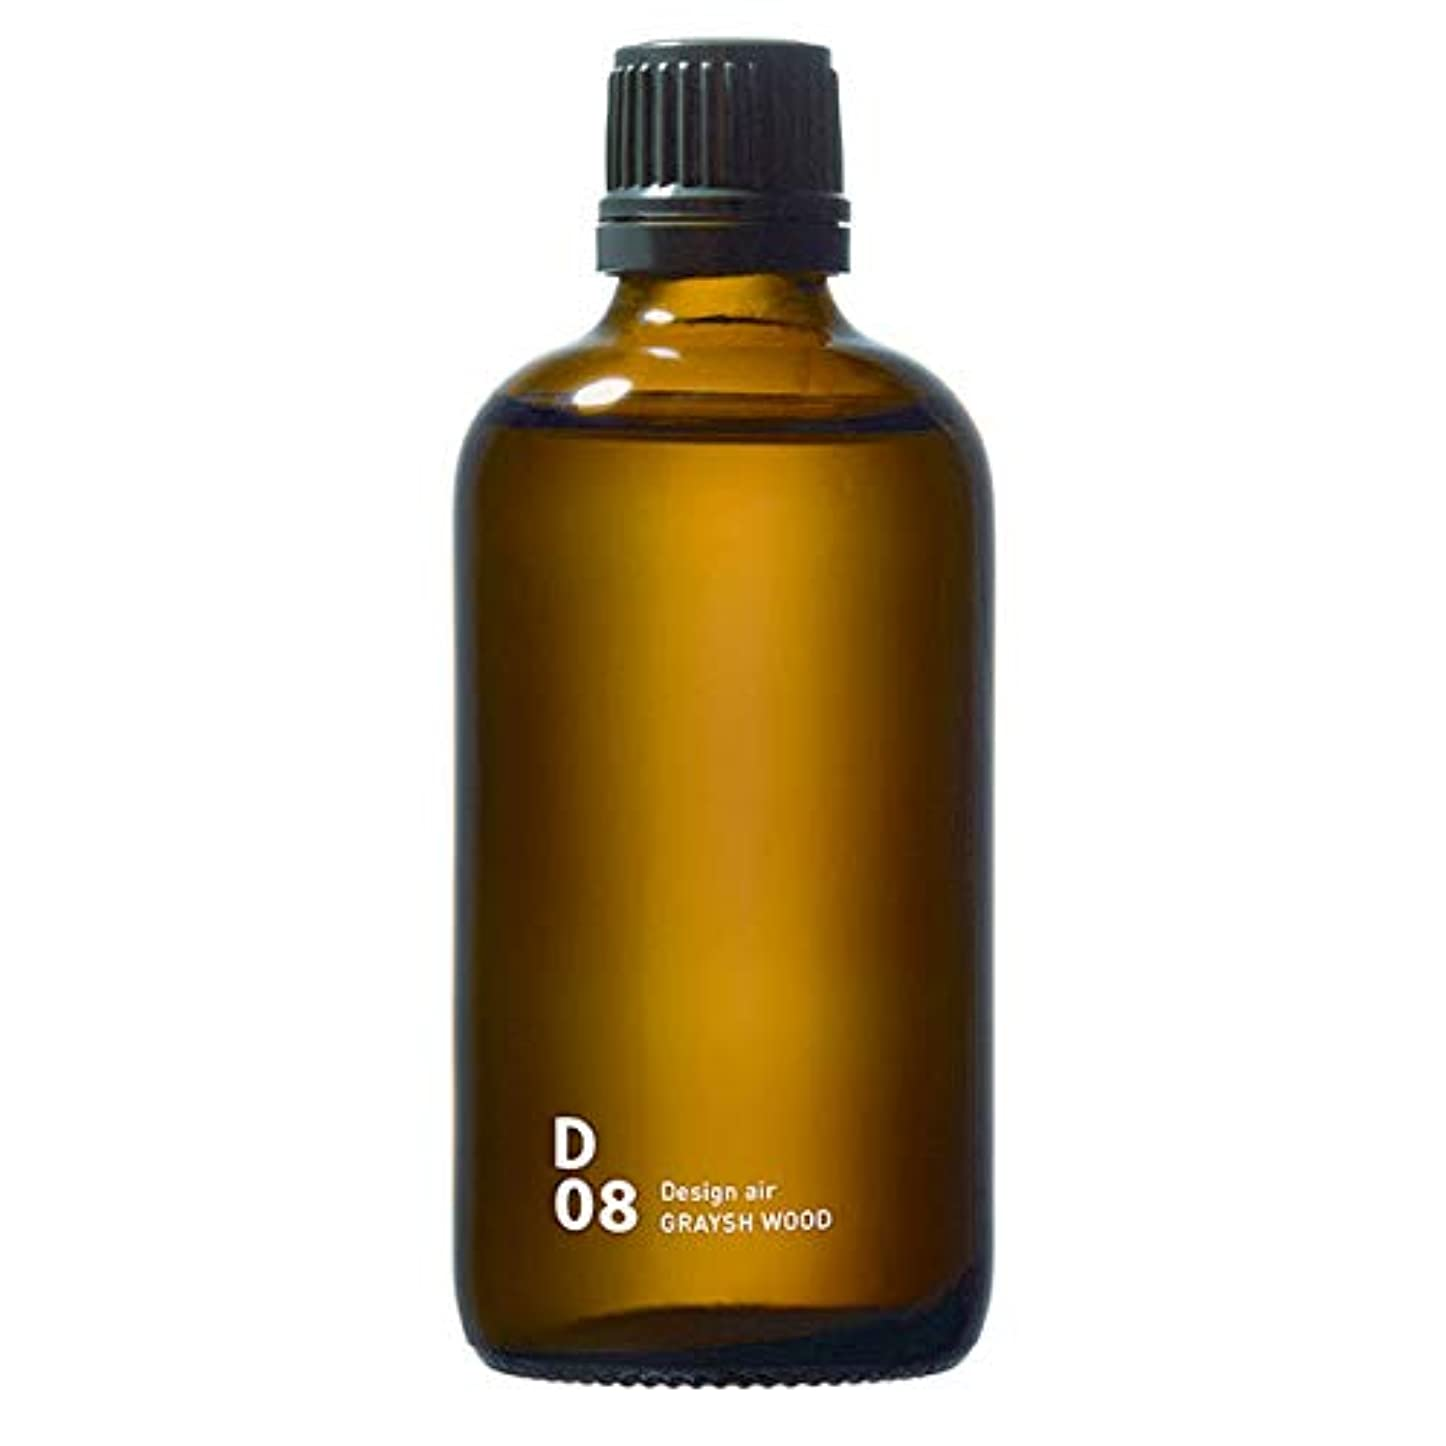 篭さびたどう?D08 GRAYISH WOOD piezo aroma oil 100ml